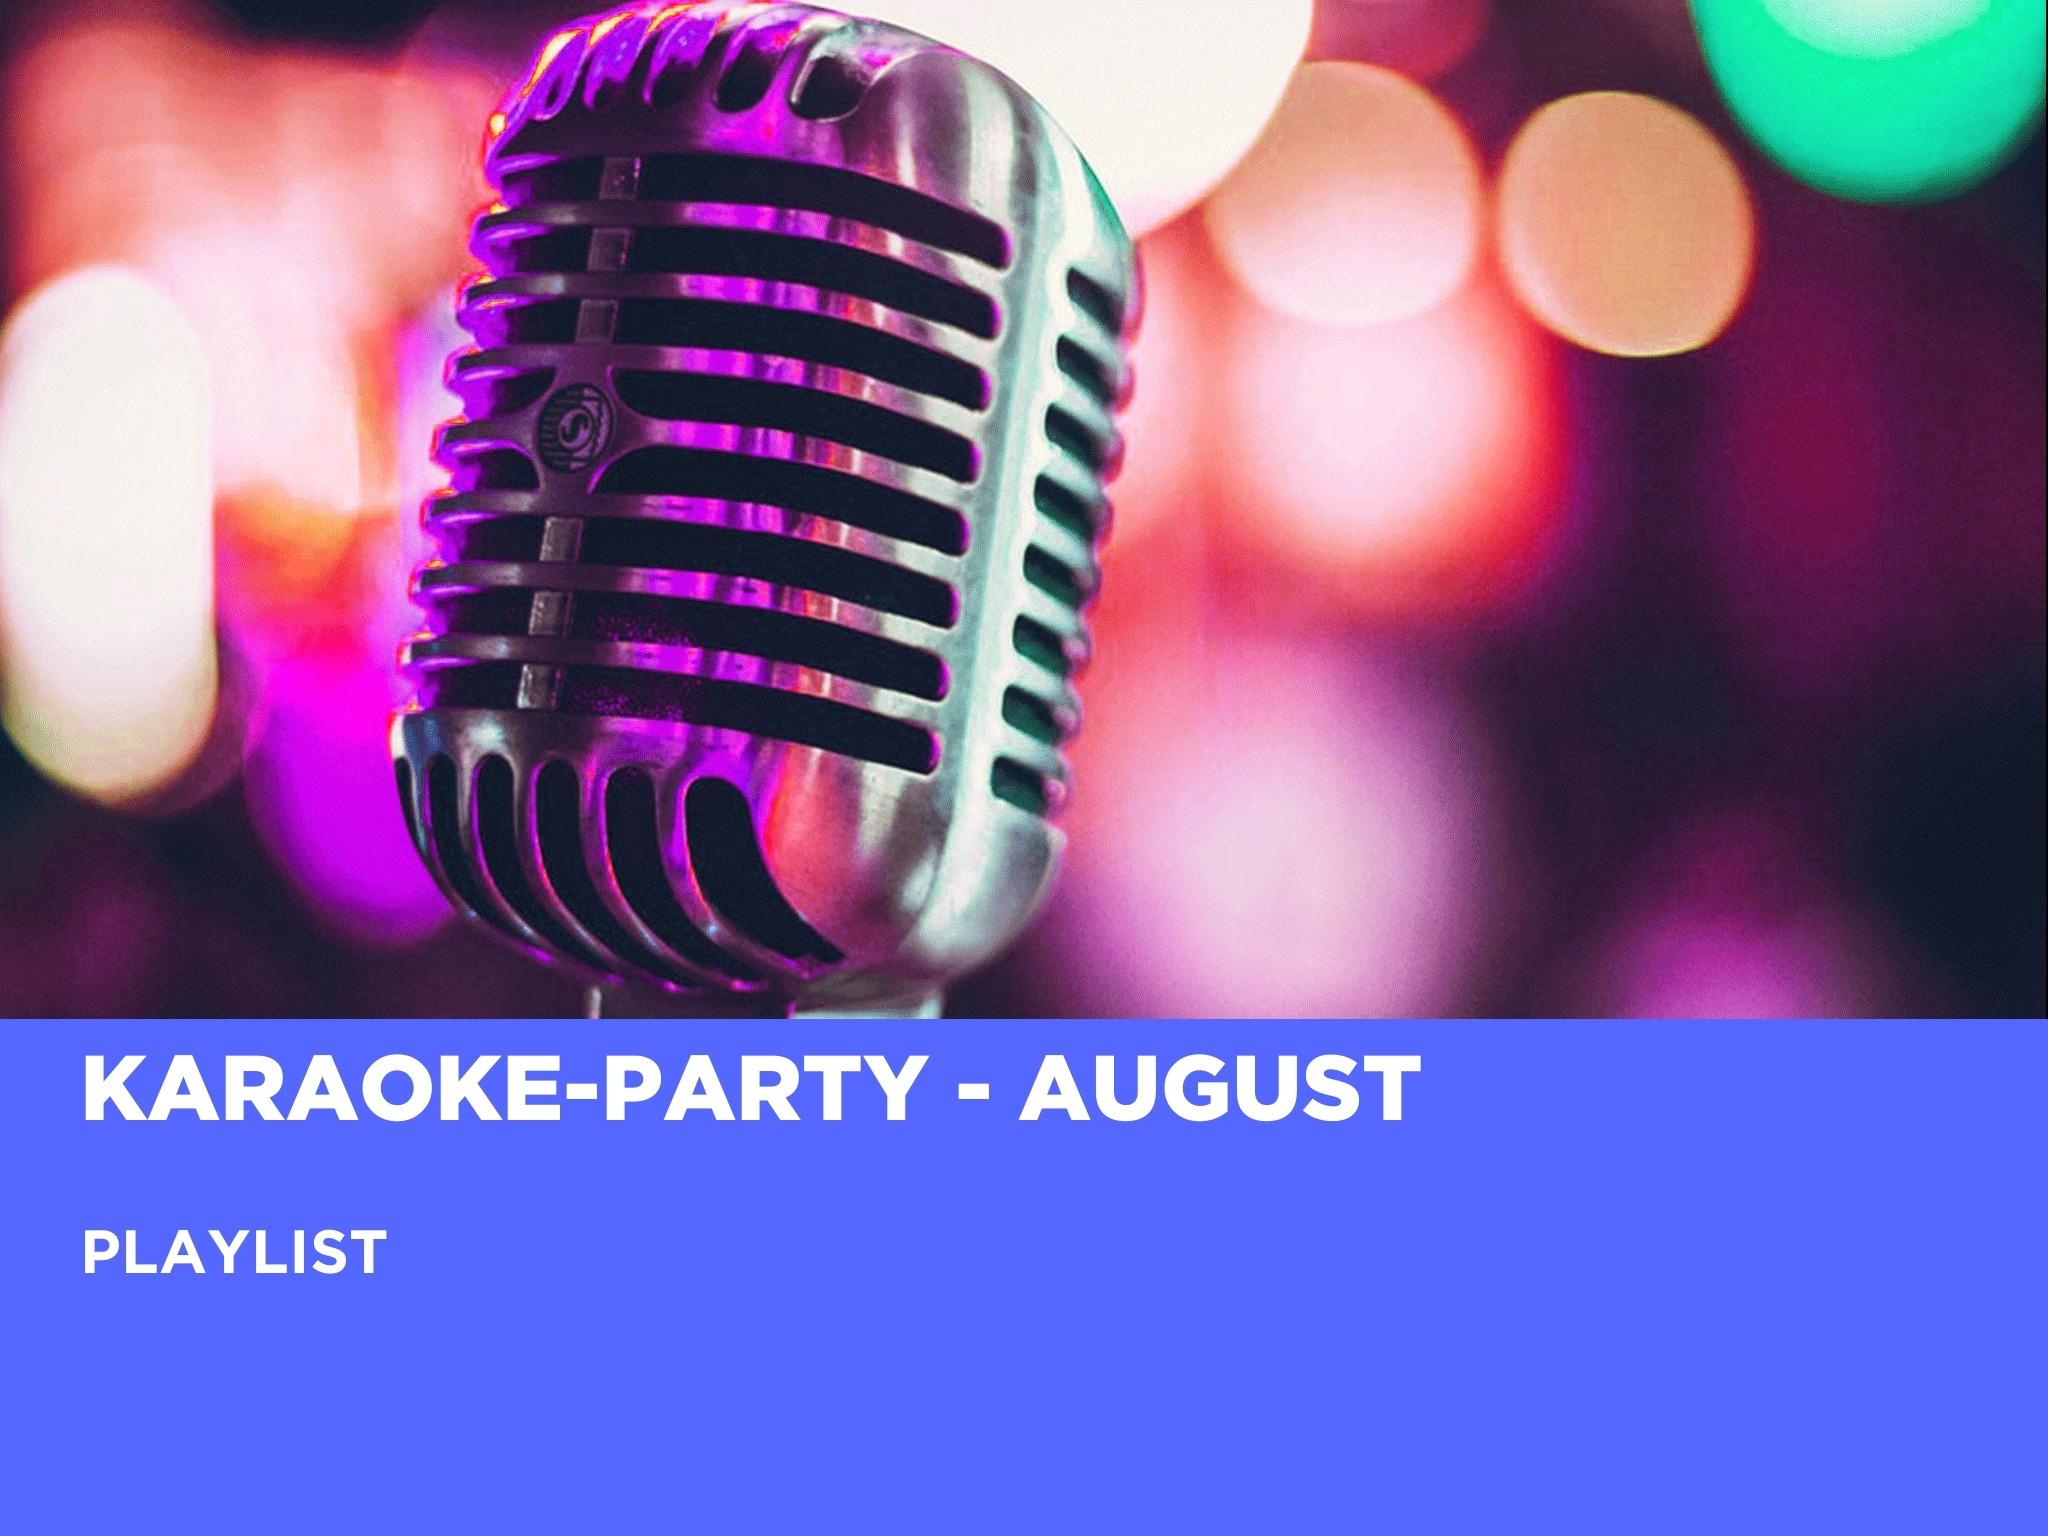 Karaoke-Party - August